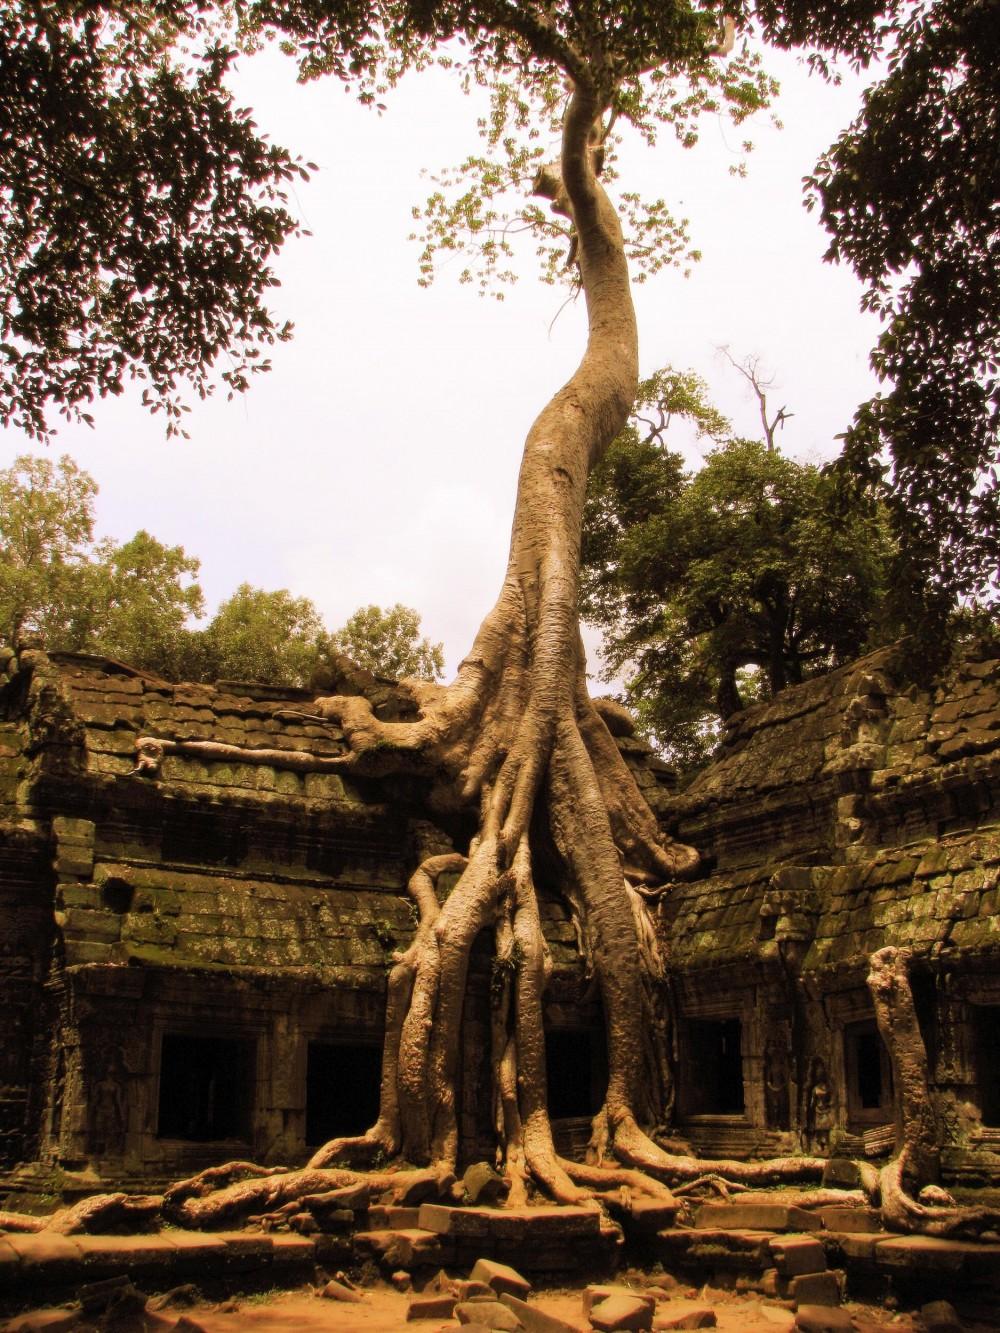 Tree at Ta Prohm Temple